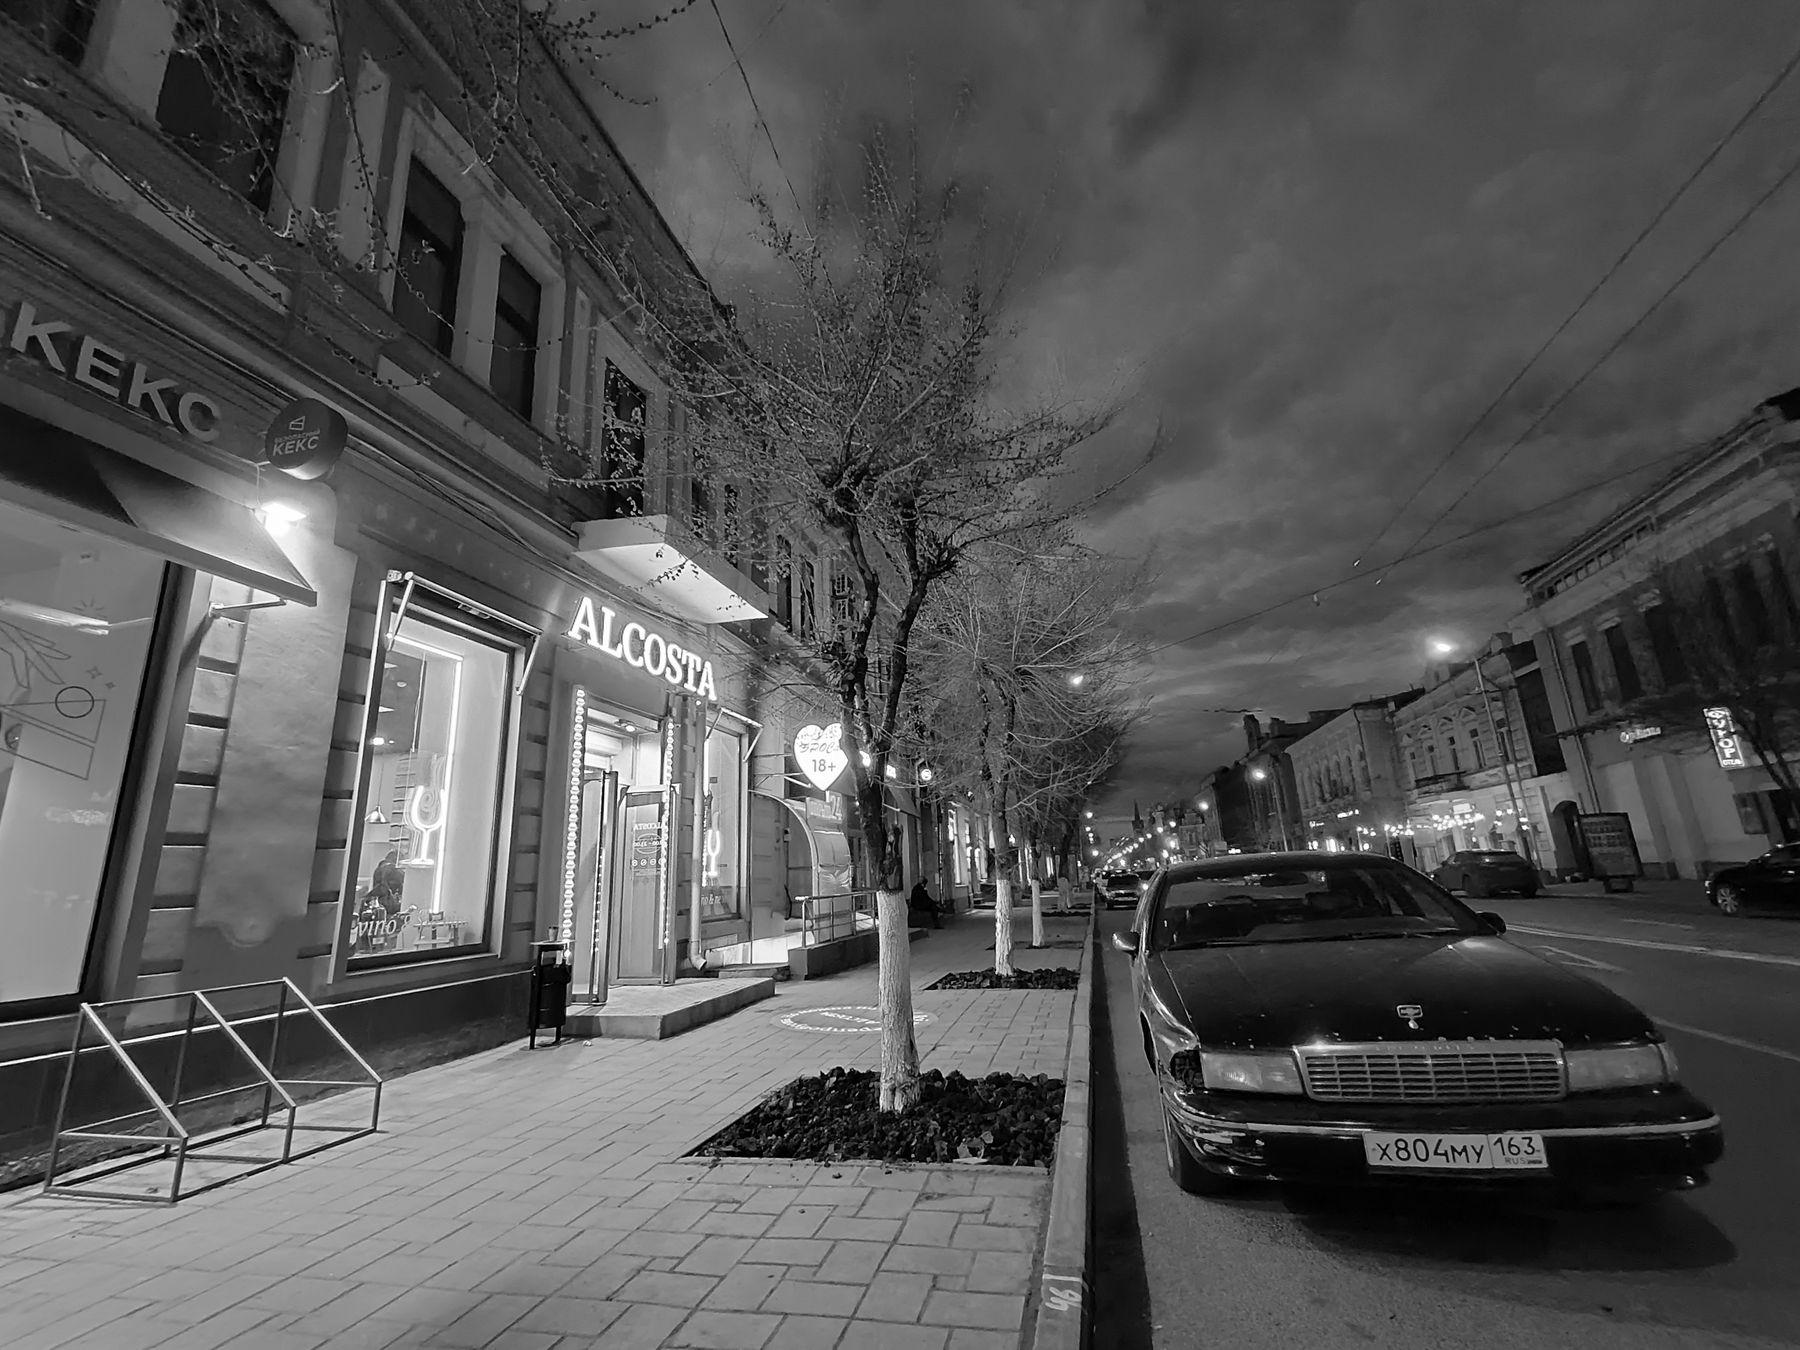 *** Город улица дома ночь огни кекс машина шевроле раритет экземпляр деревья облака небо атмосфера чёрный белый чернобелый монохром фото